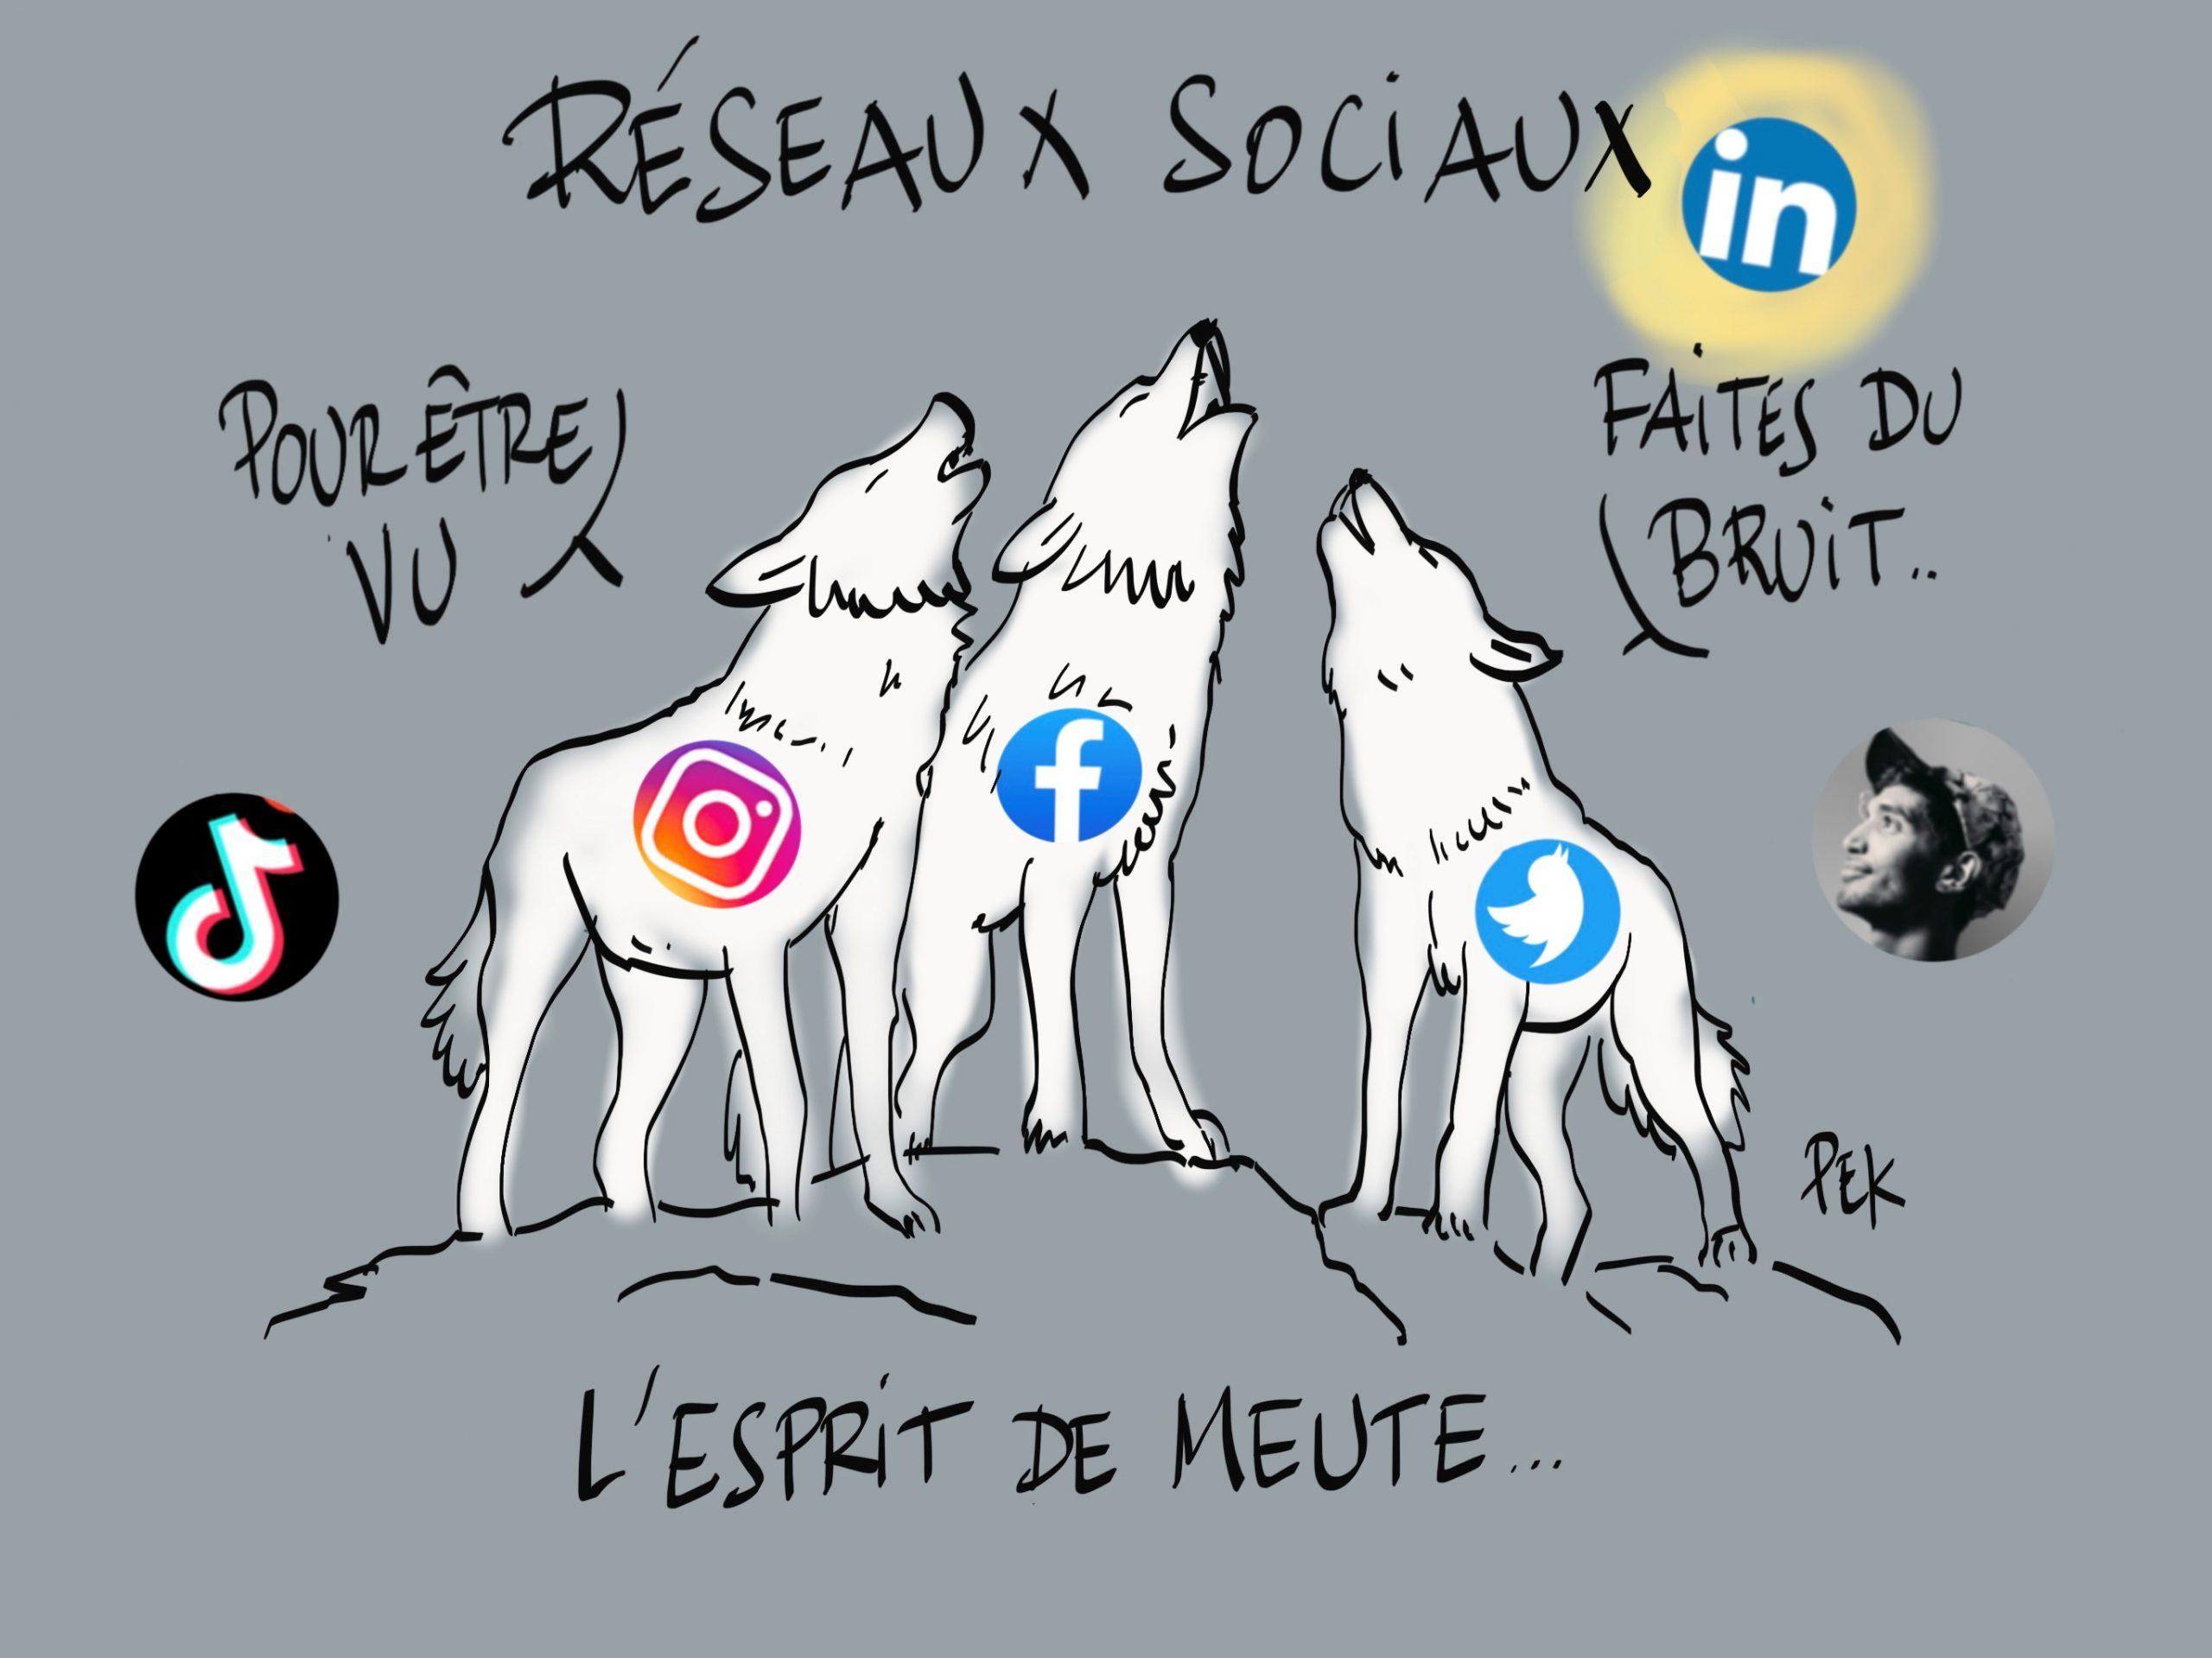 Réseaux sociaux meute illustration PEK Philippe-Elie Kassabi